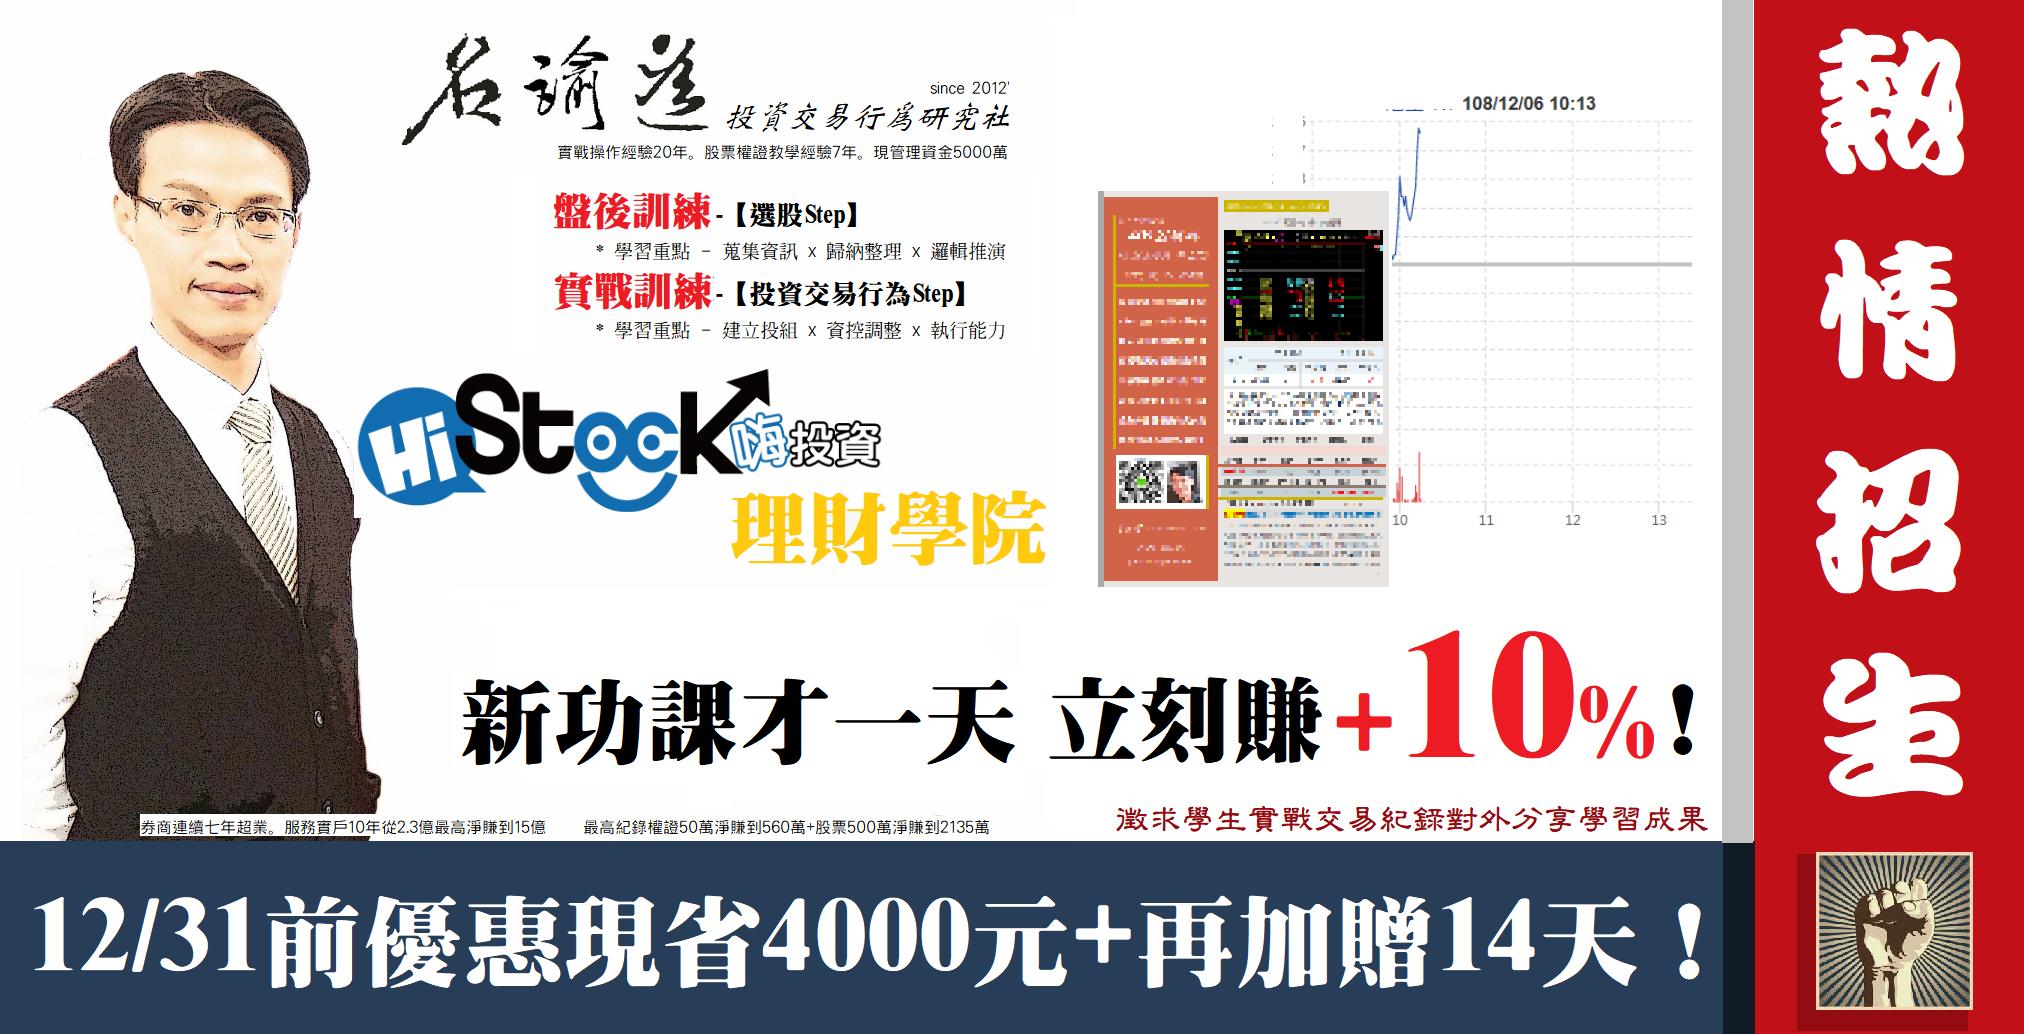 2019/12/06(五) 新功課才一天,立刻賺+10%!(徵求學生交易紀錄對外分享學習成果)